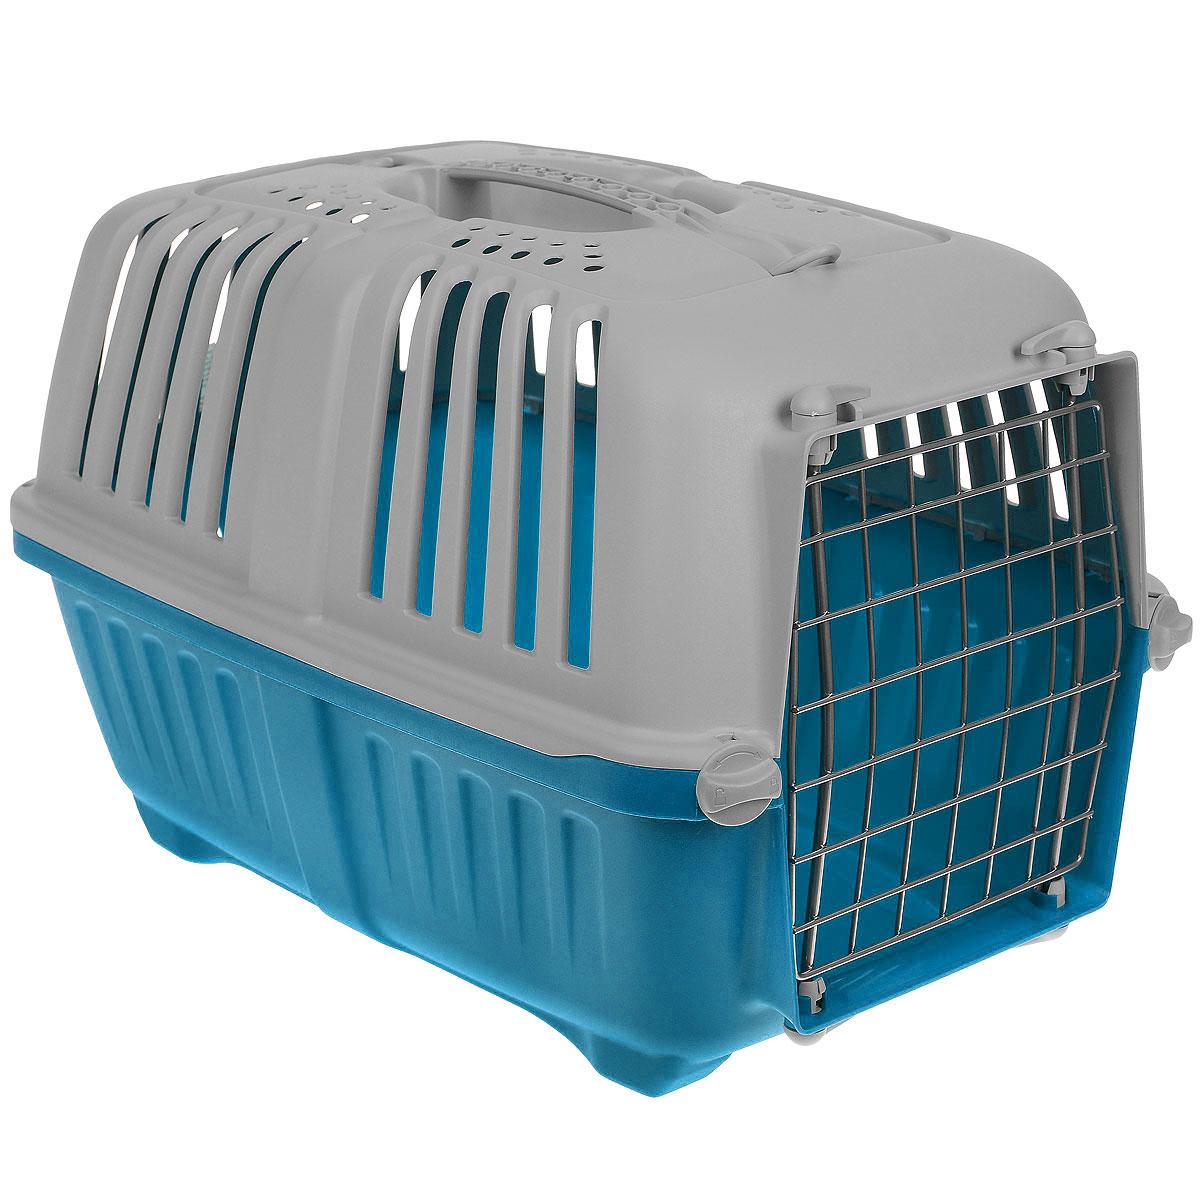 Переноска для животных MPS Pratiko, цвет: серый, голубой, 48 см х 31,5 см х 33 см0120710Переноска MPS Pratiko, выполненная из легкого пластика, прекрасно подойдет для транспортировки кошек и собак мелких пород. Дно переноски снабжено устойчивыми ножками. Крышка с отверстиями для вентиляции оснащена влитой ручкой для большей безопасности при транспортировке и двумя петлями для крепления ремня. Крышка и металлическая дверь крепится к поддону на поворотные фиксаторы. Переноска легко собирается.